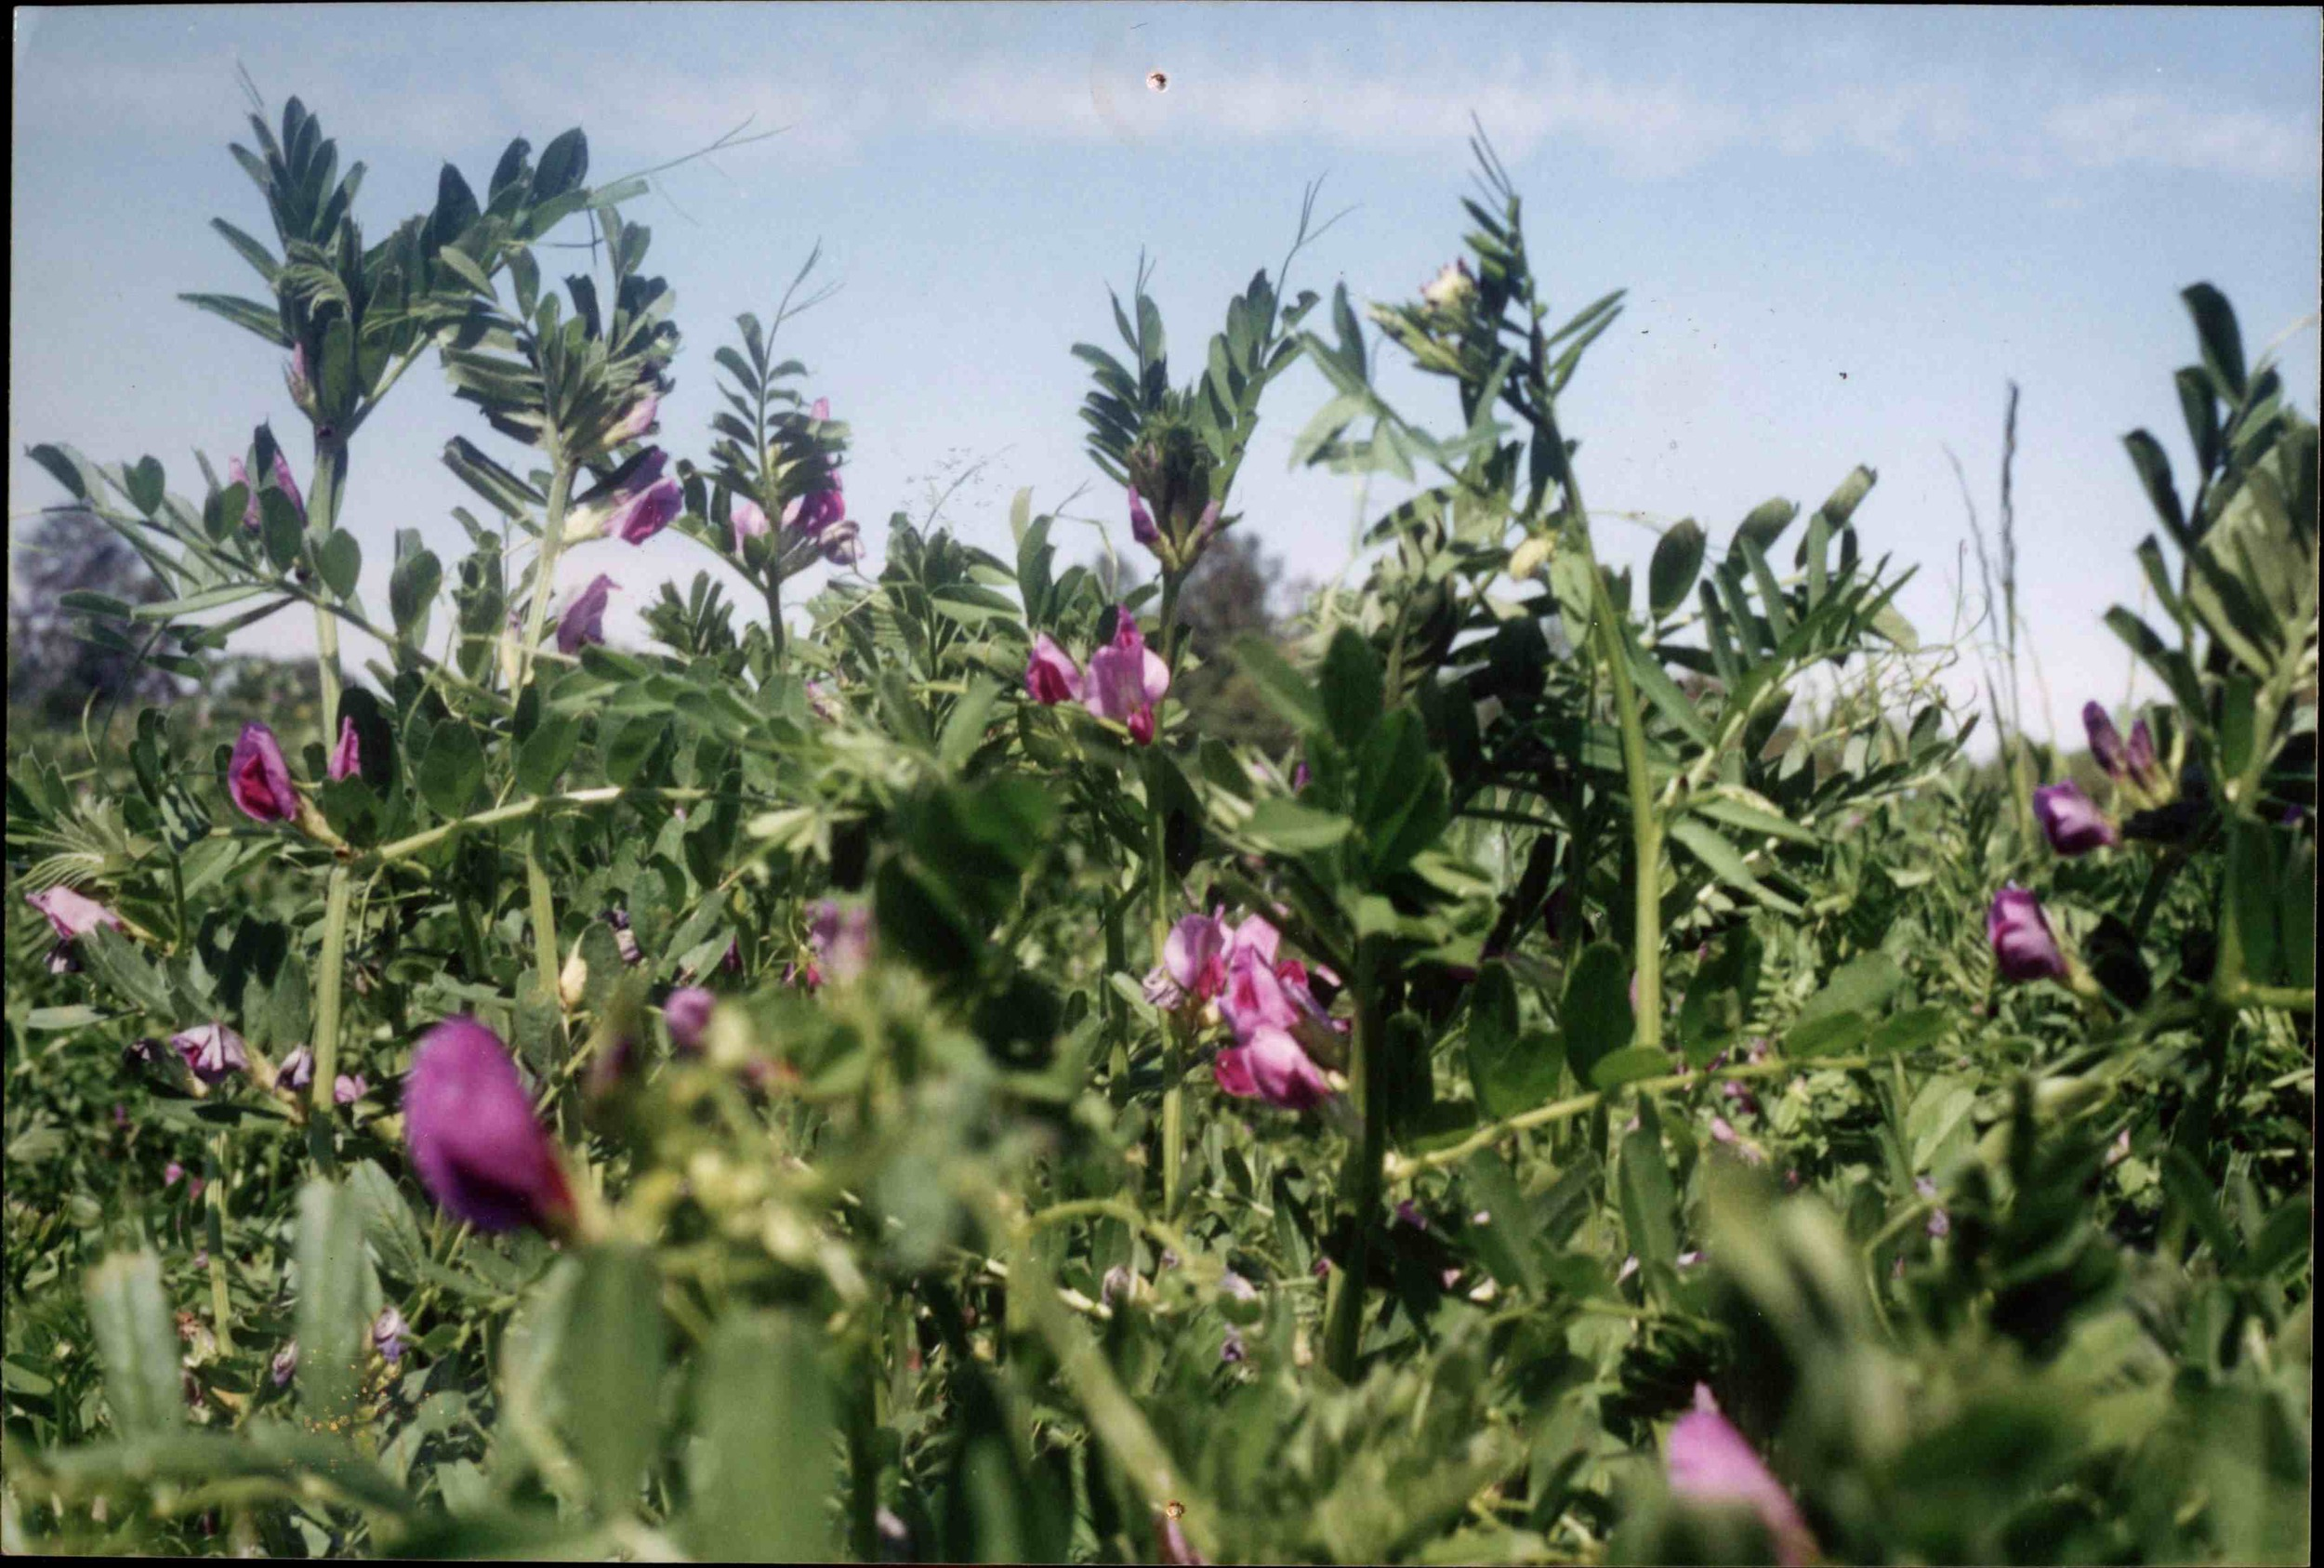 Vetch cover crop.